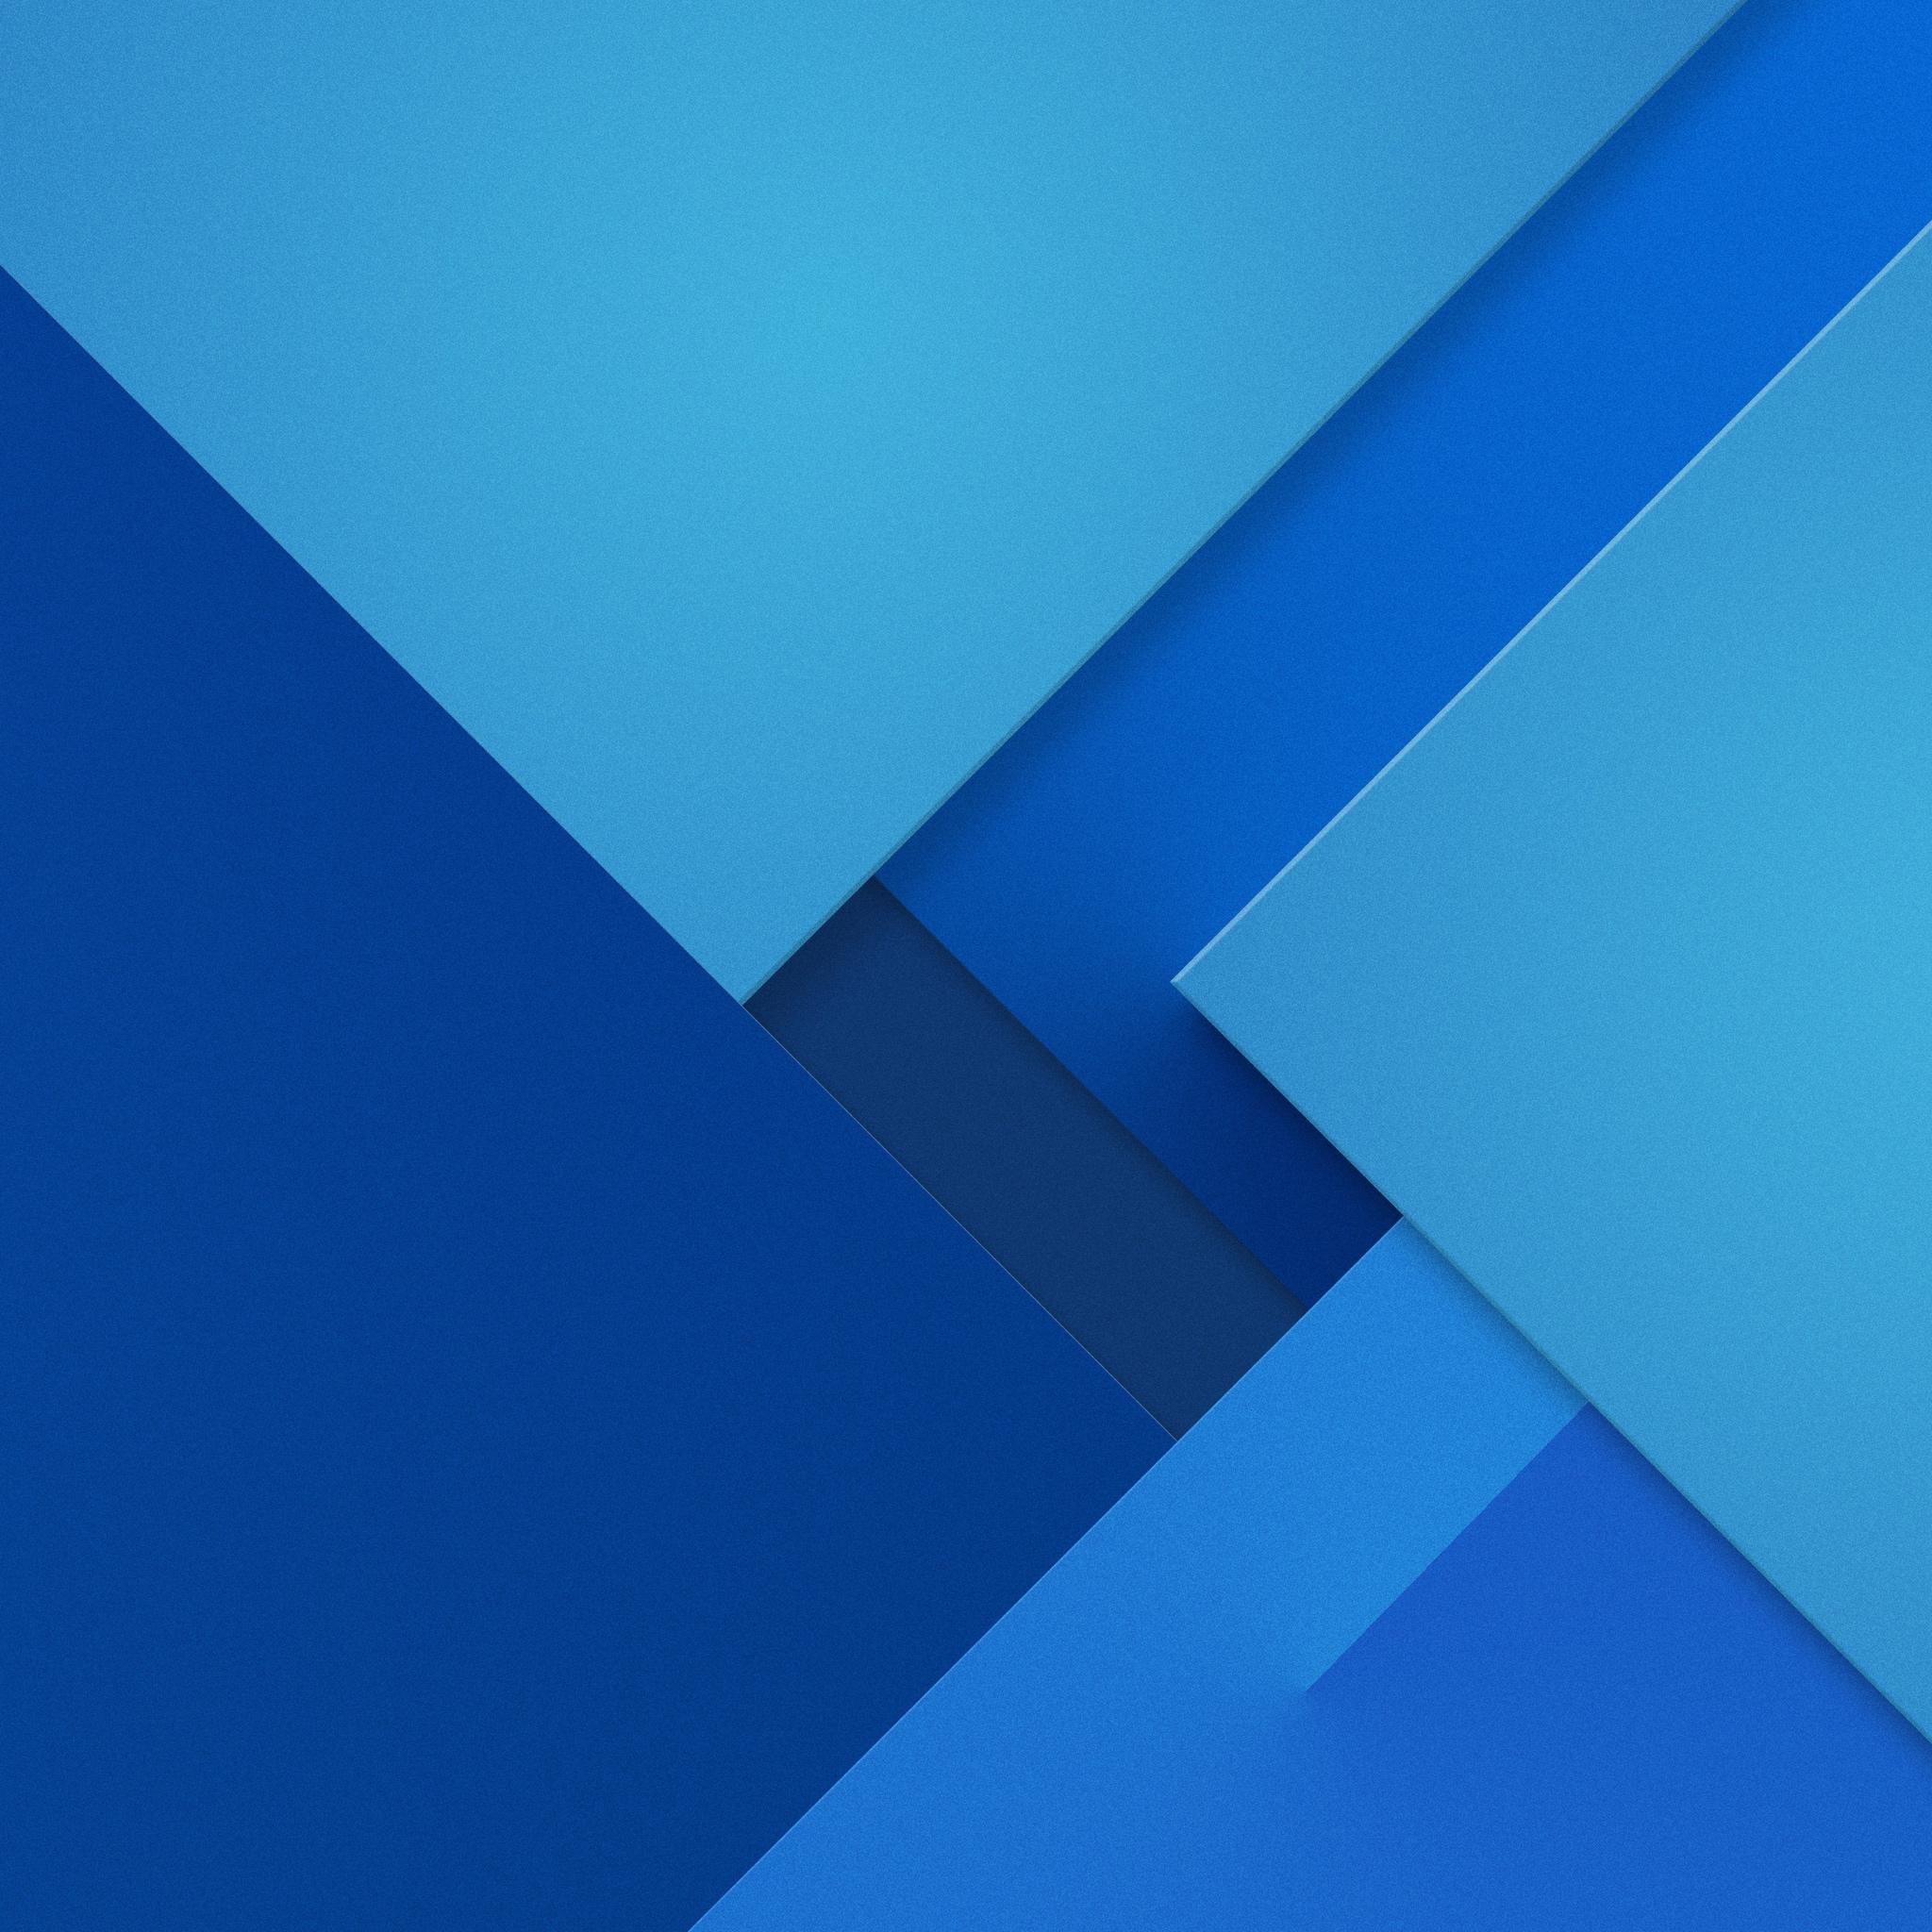 le nouvel ipad pro 9 7 et les ipad avec cran retina et une 2048x2048